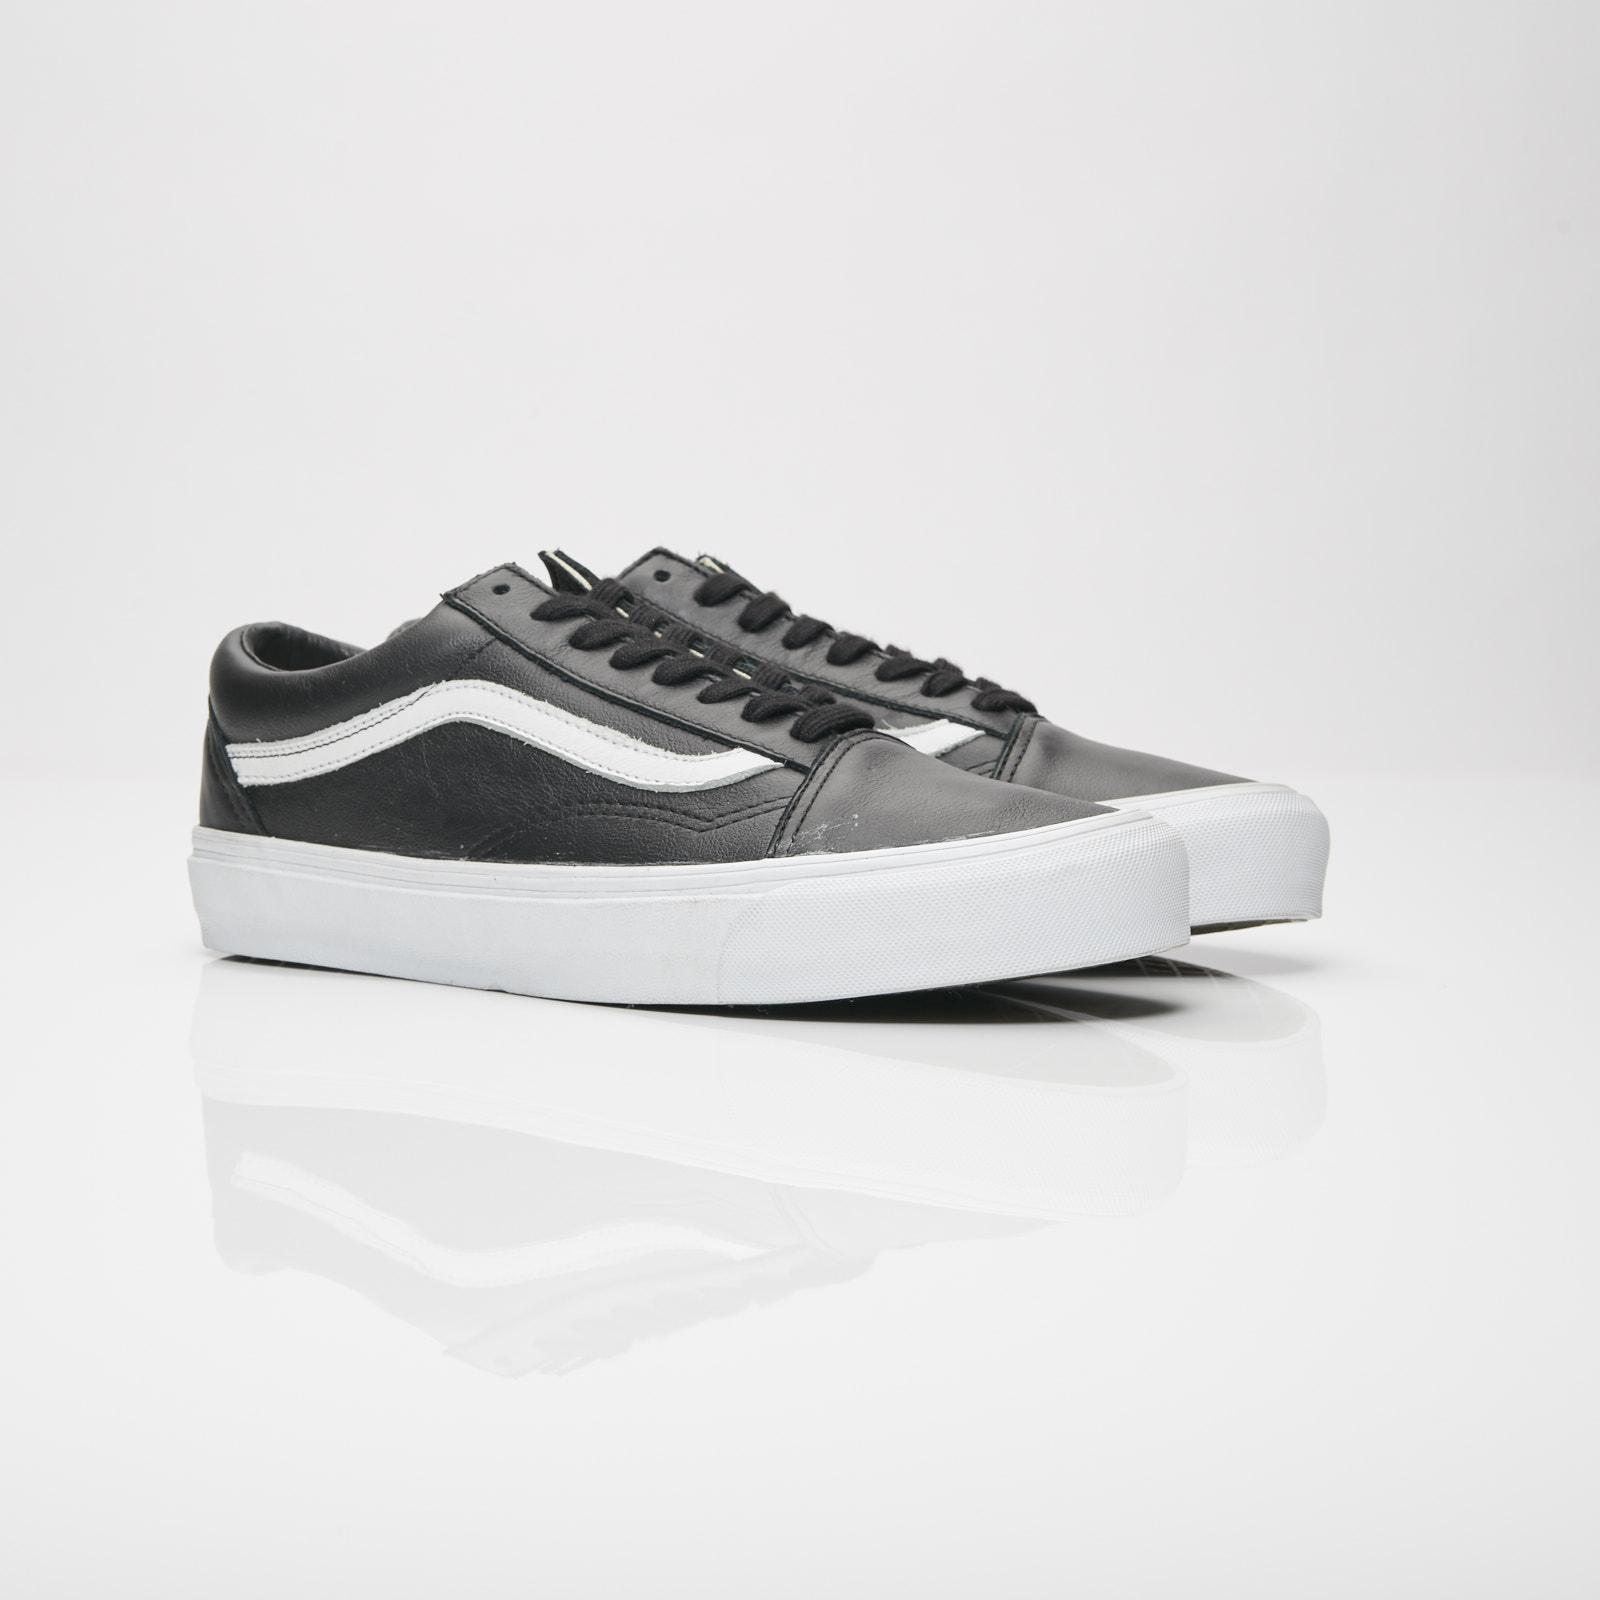 2f84647d0603a1 Vans OG Old Skool LX - Vn000voj1ns - Sneakersnstuff